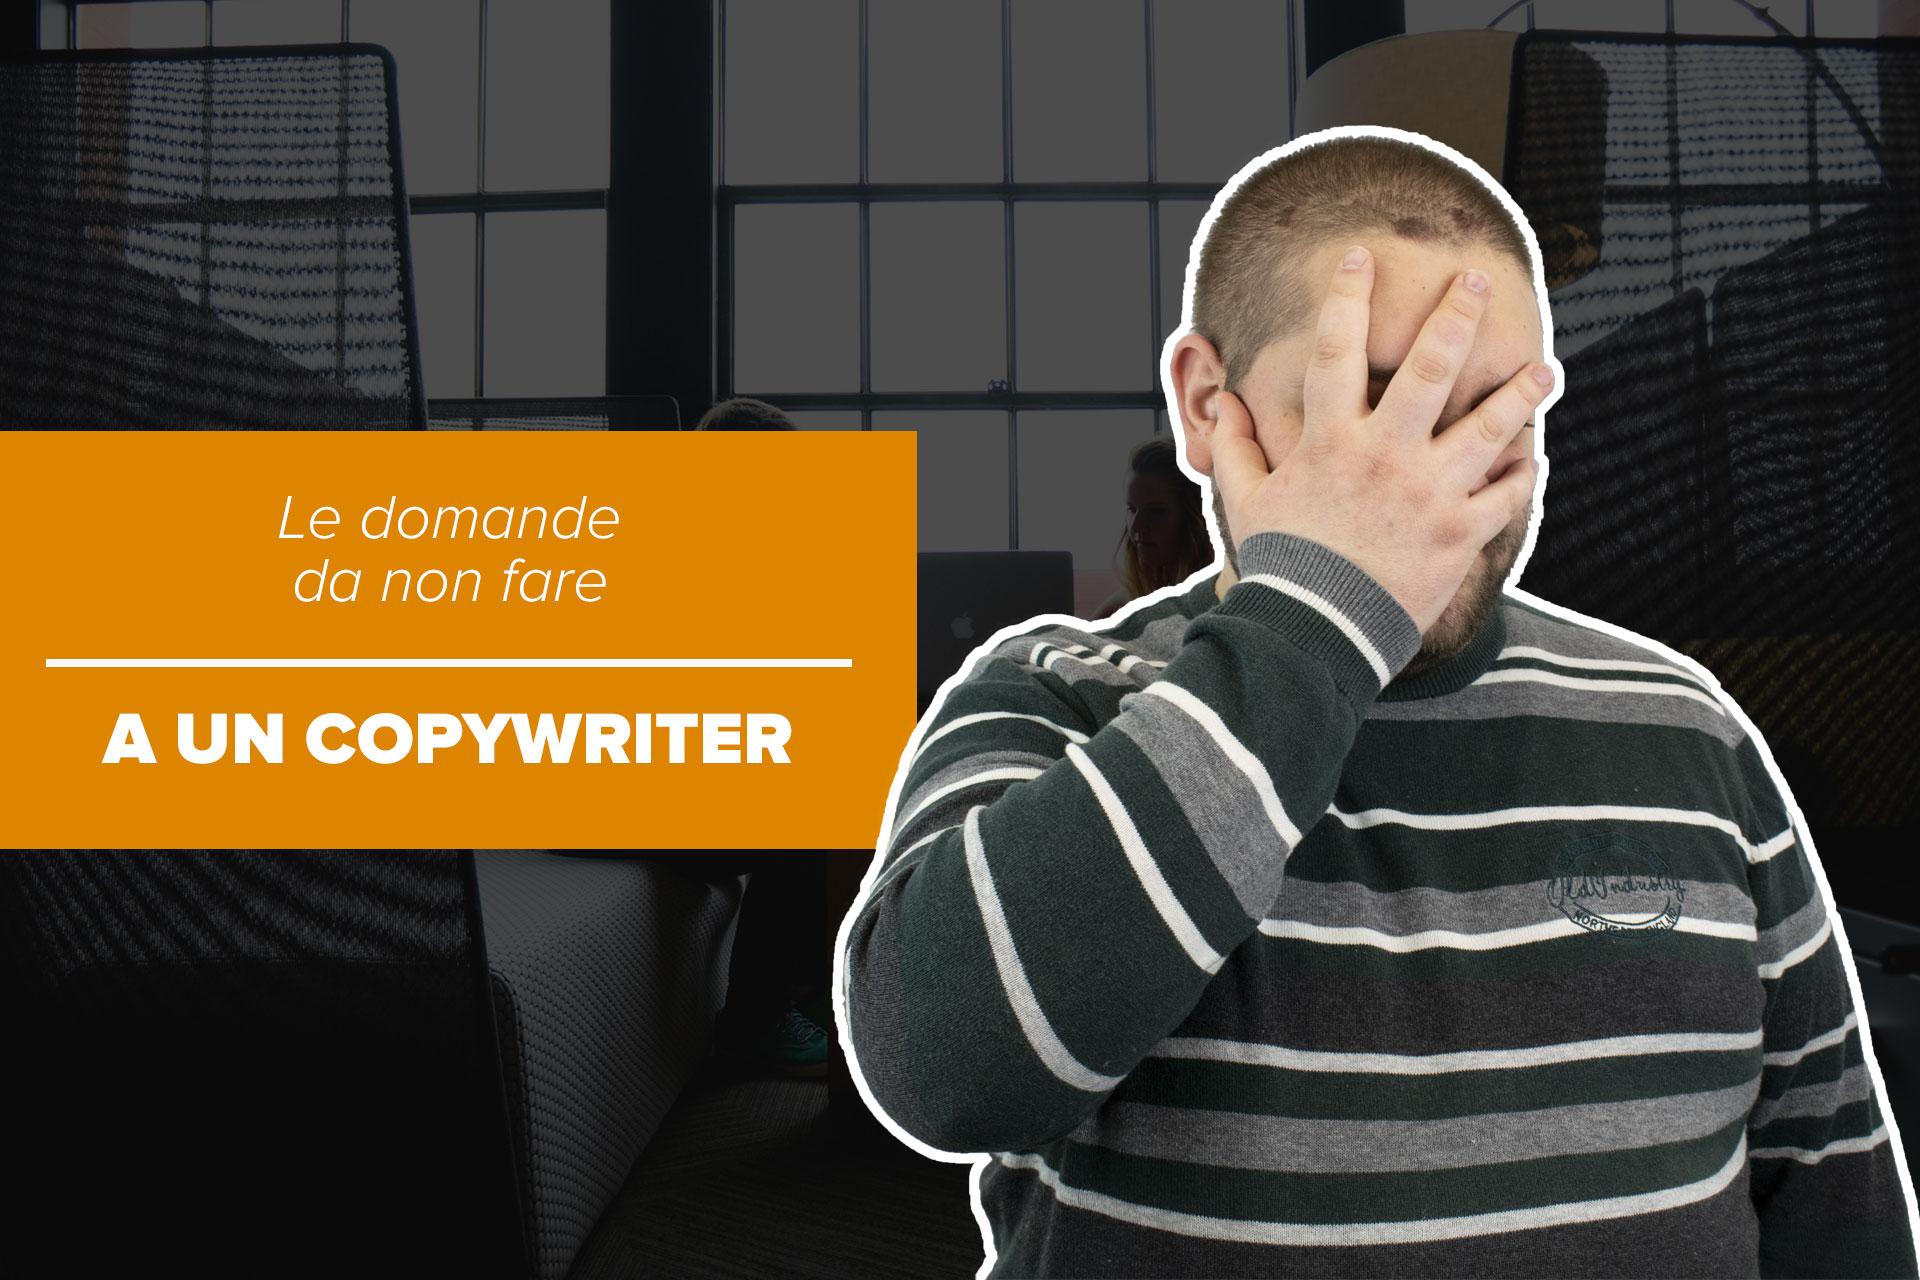 Le domande da non fare a un copywriter